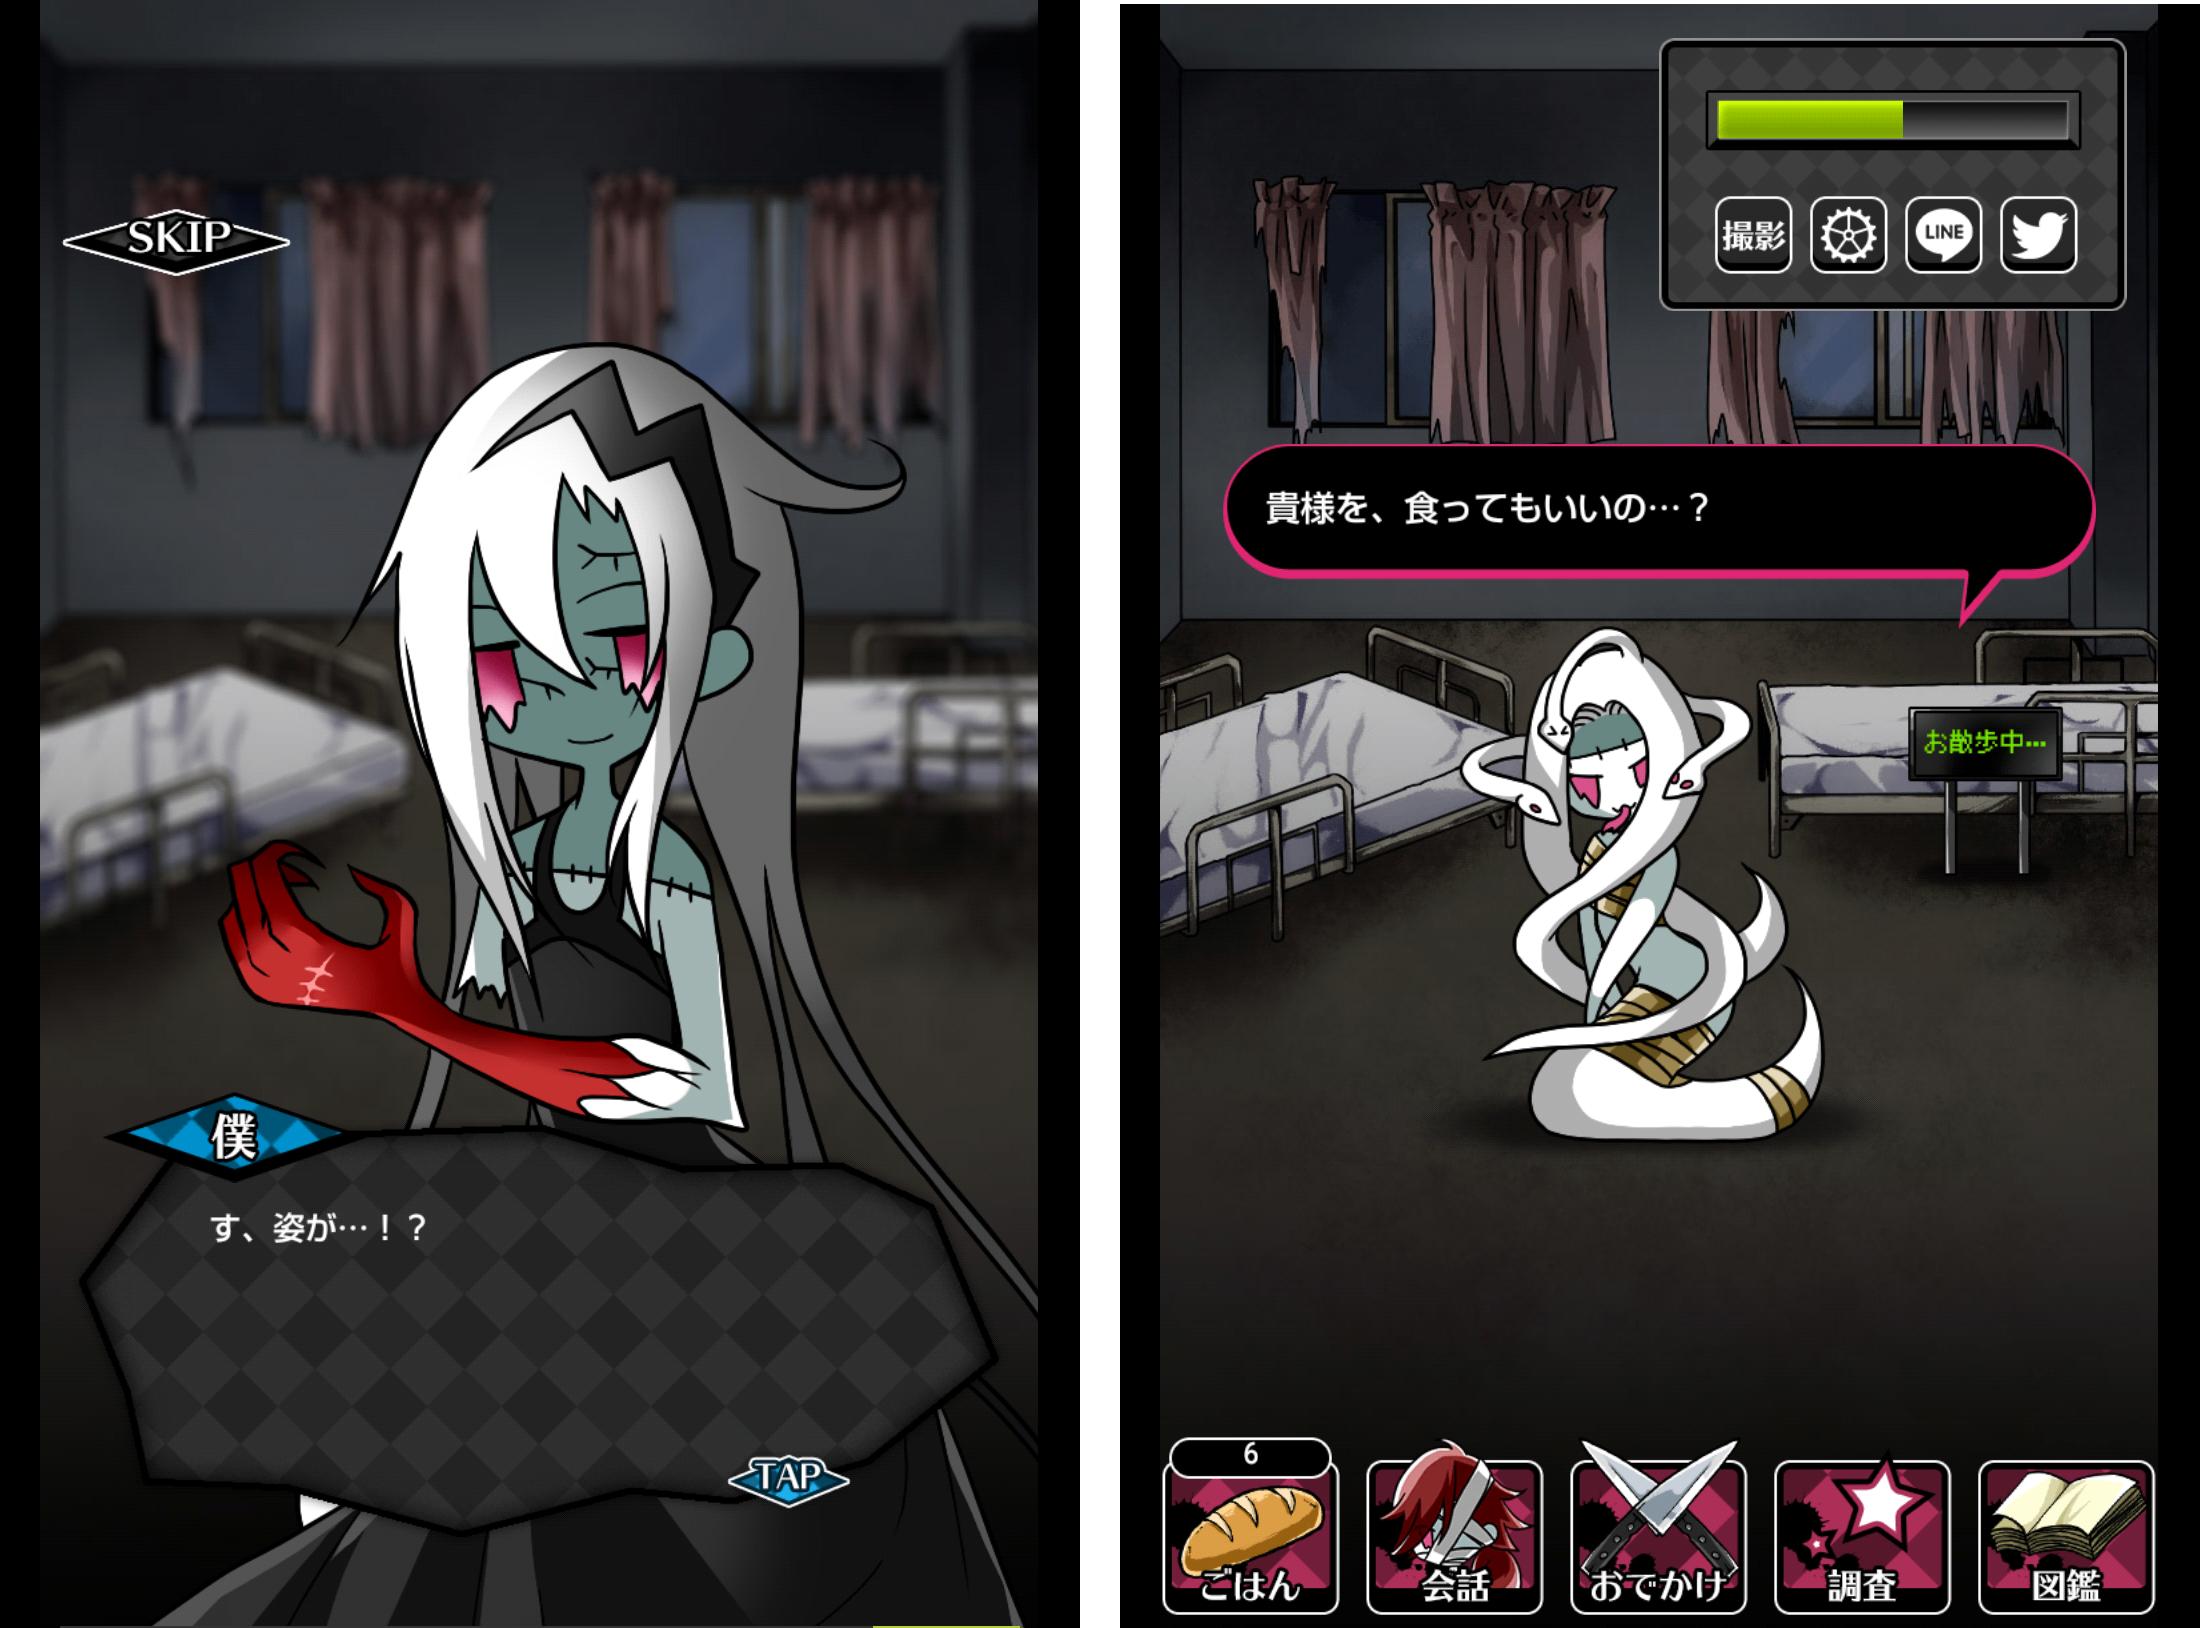 ゾンビ彼女2 -TheLOVERS- androidアプリスクリーンショット2